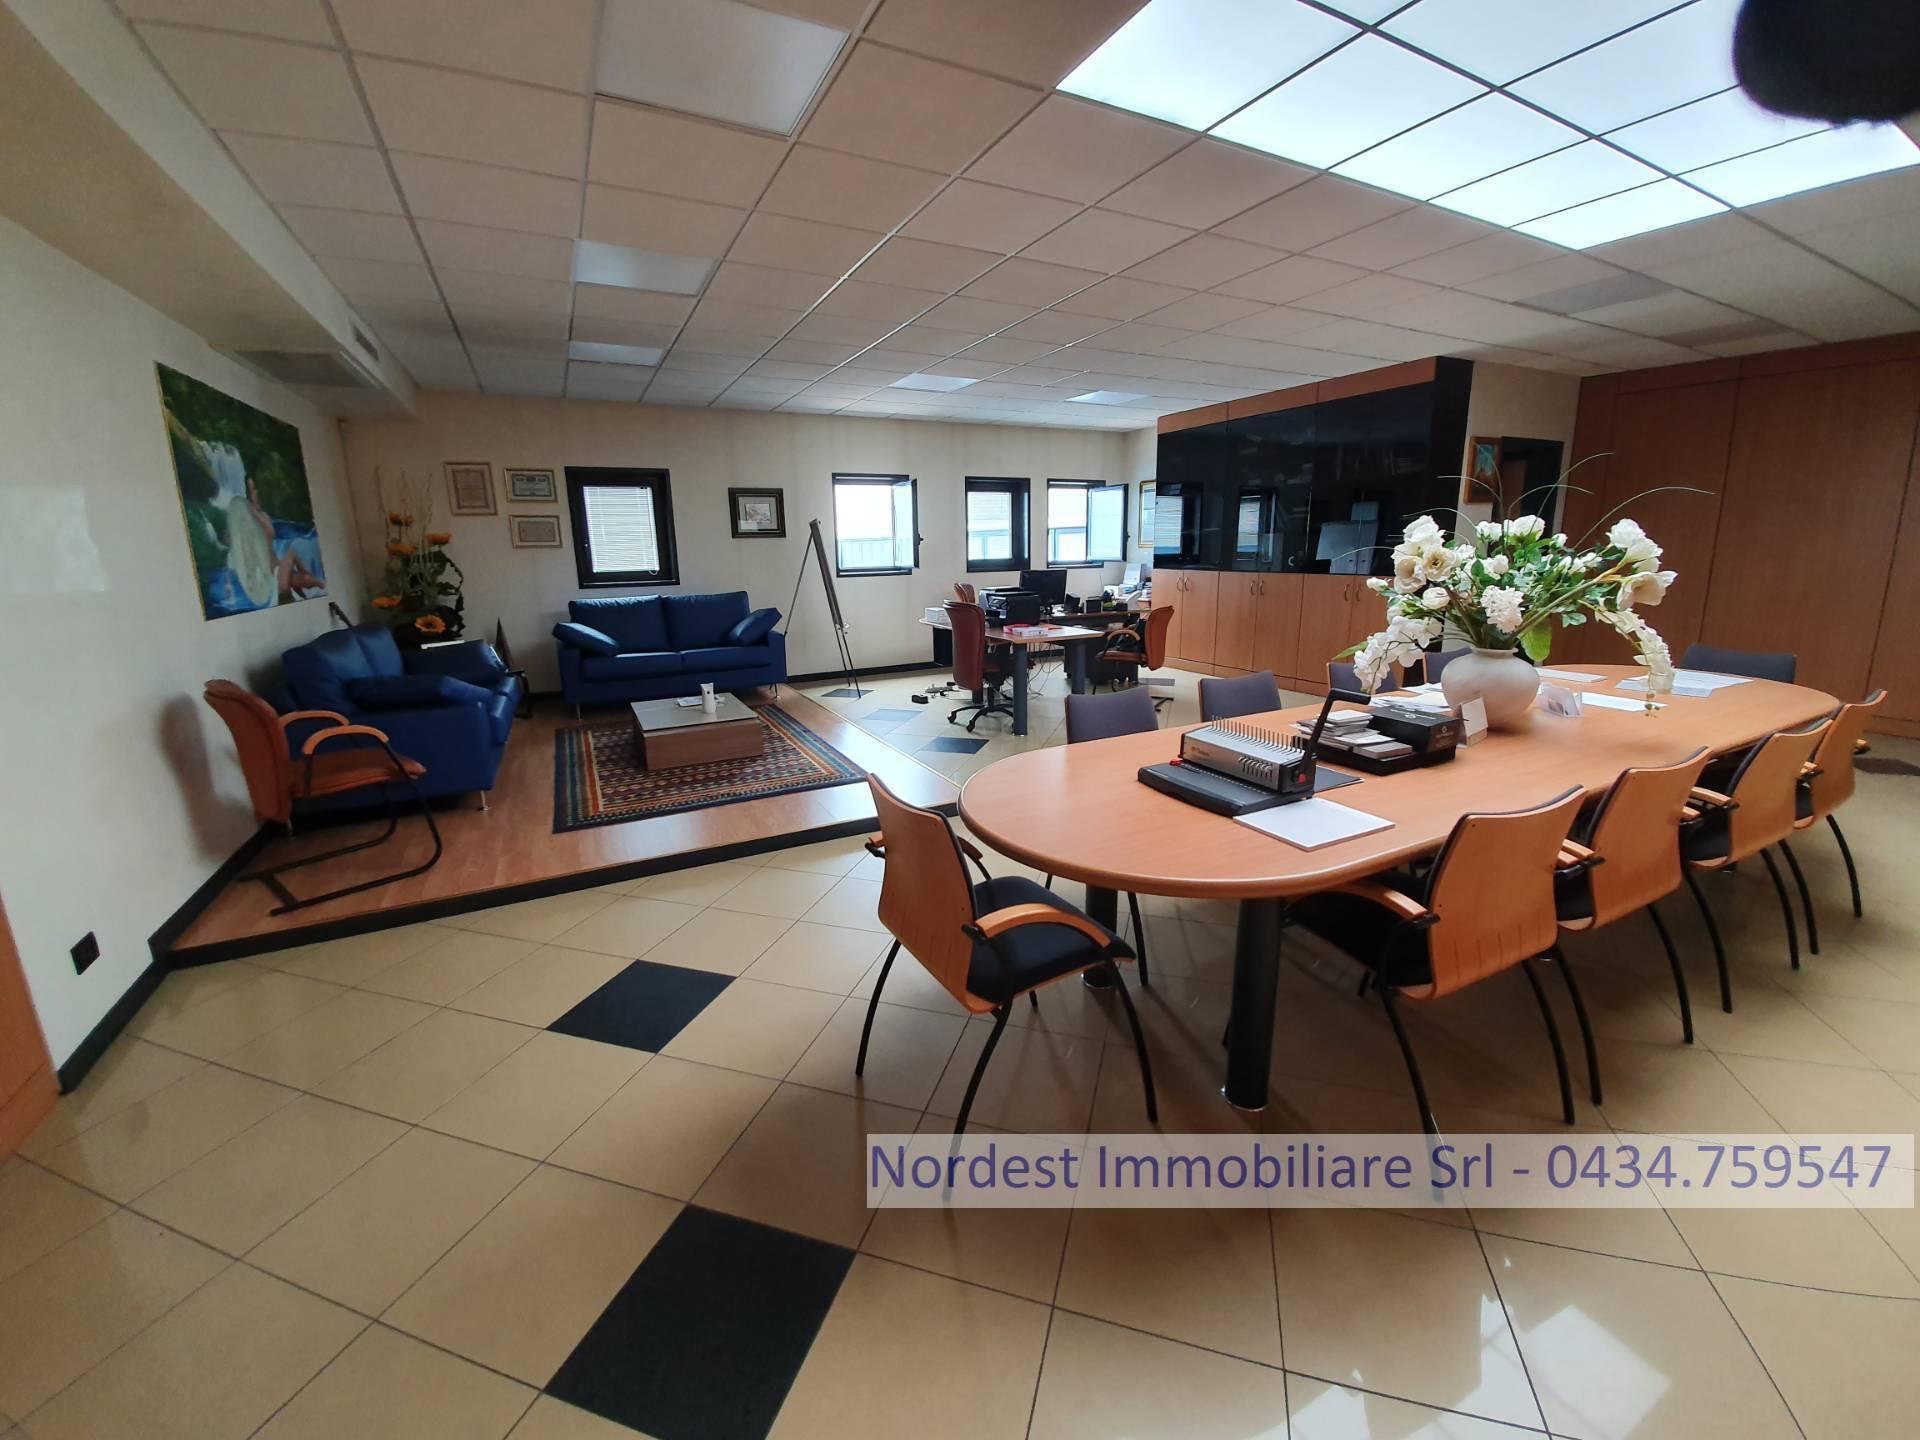 Ufficio / Studio in affitto a Sacile, 9999 locali, Trattative riservate | CambioCasa.it